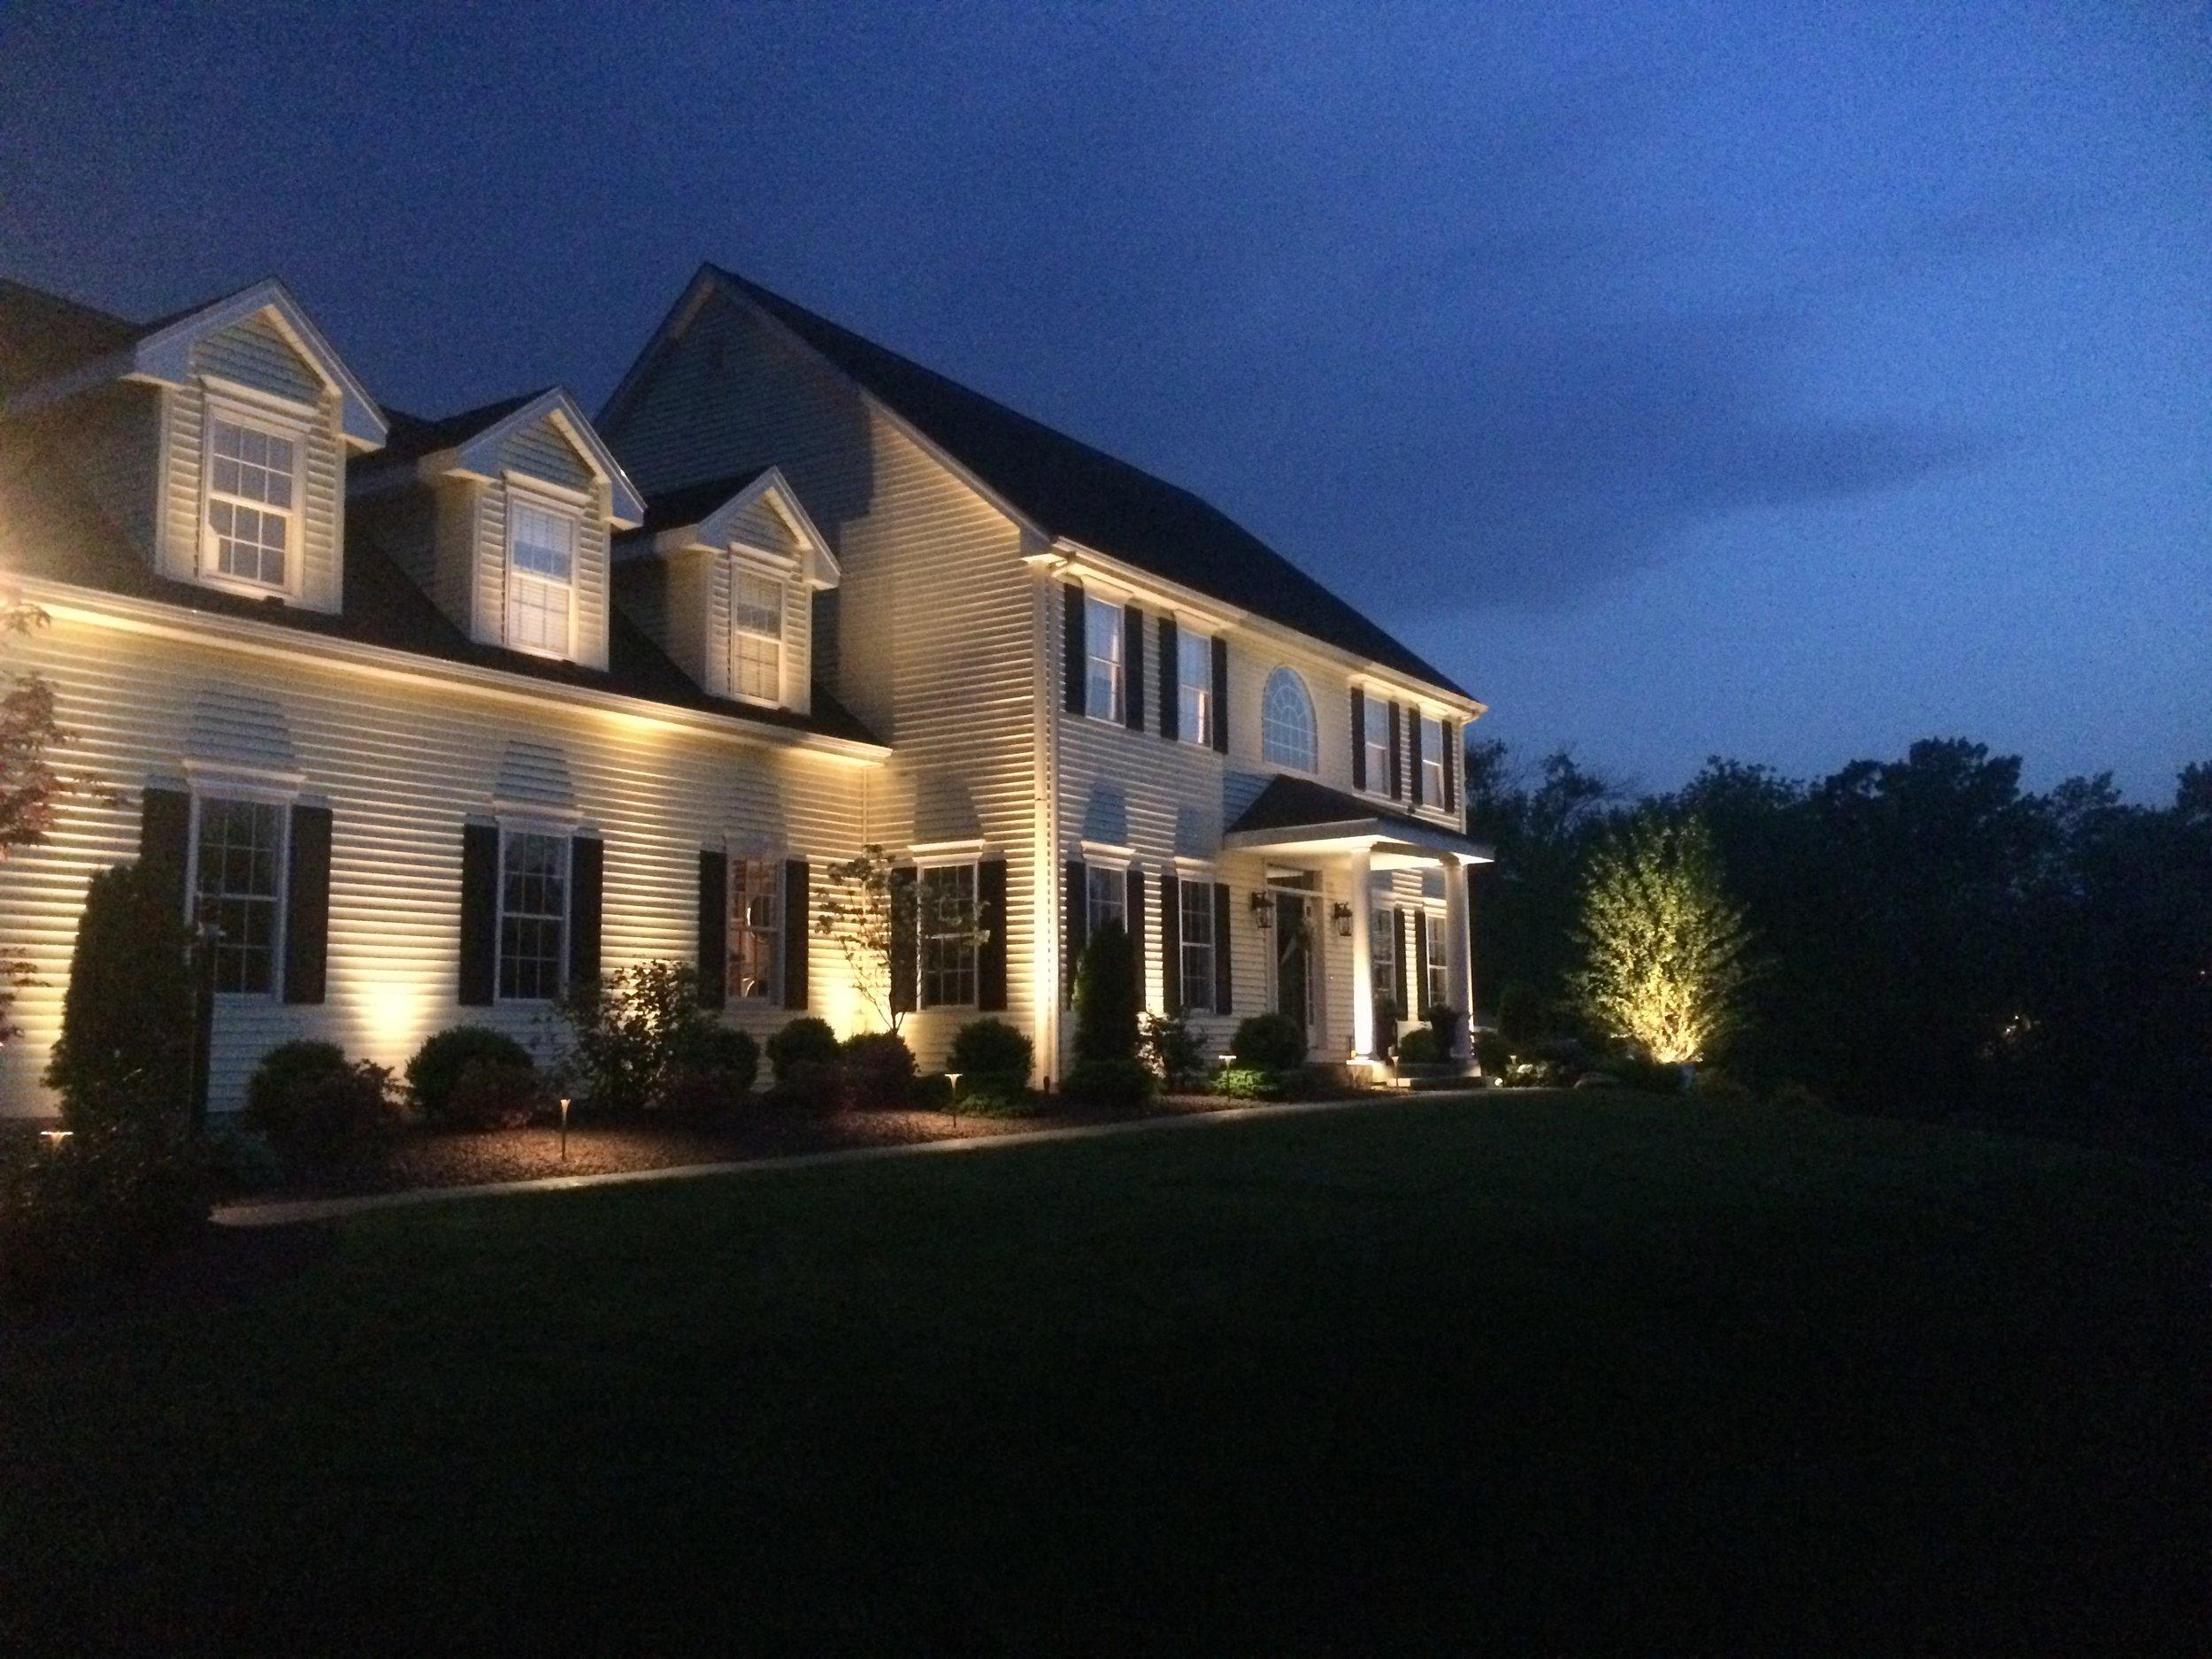 Walkway with outdoor lighting in Newington, CT